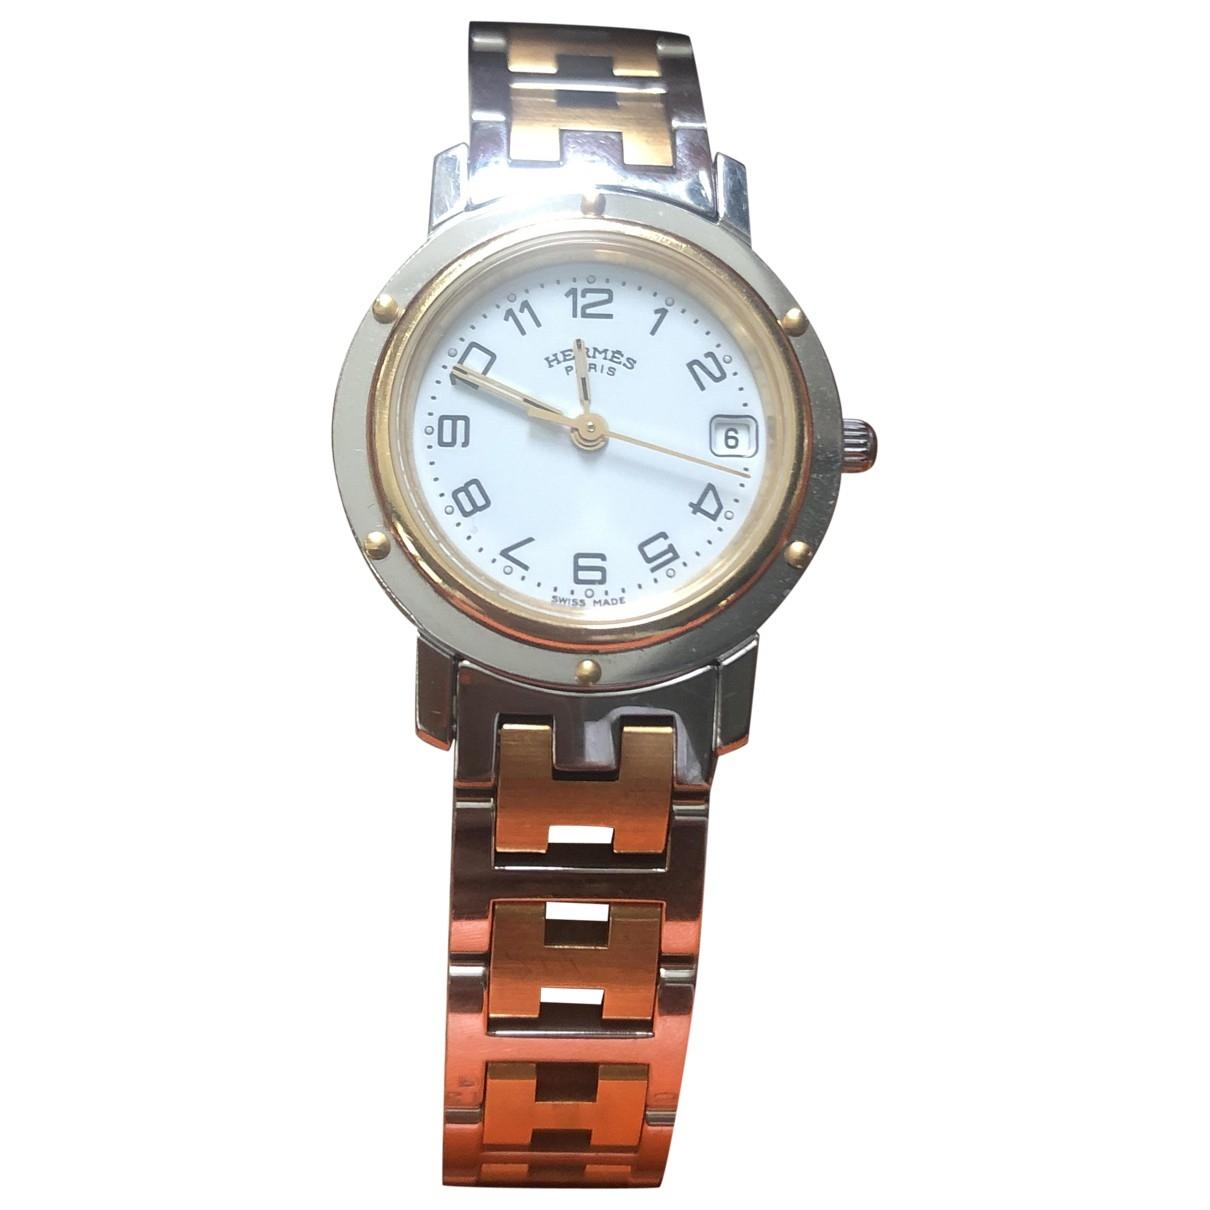 Hermes Clipper Uhr in Vergoldet